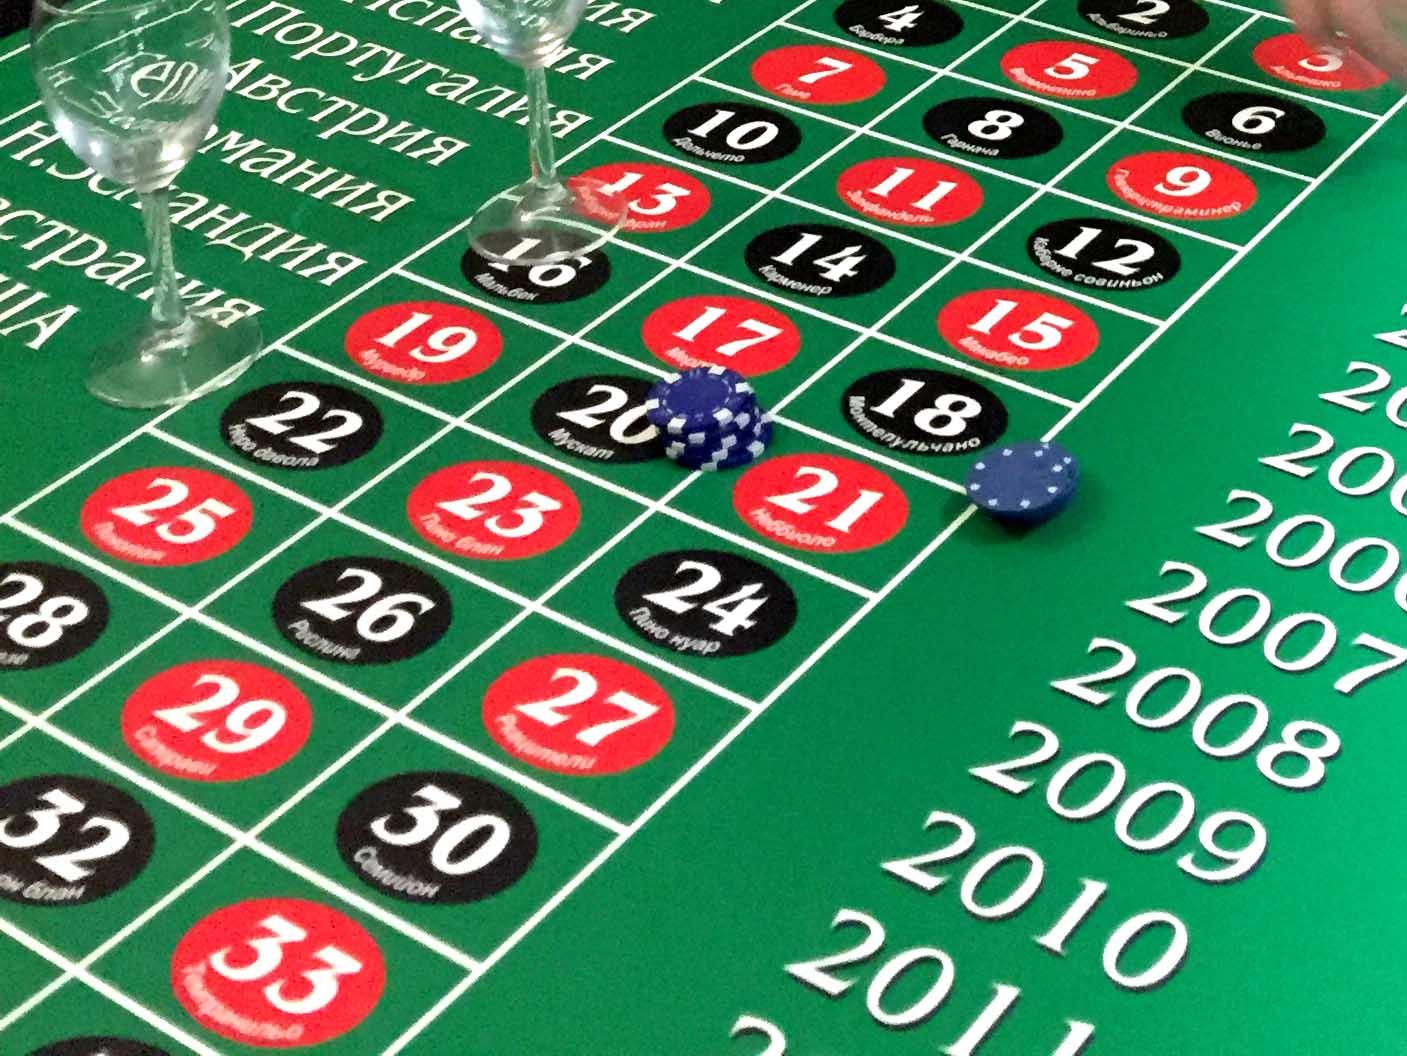 официальный сайт винное казино купить игровое поле